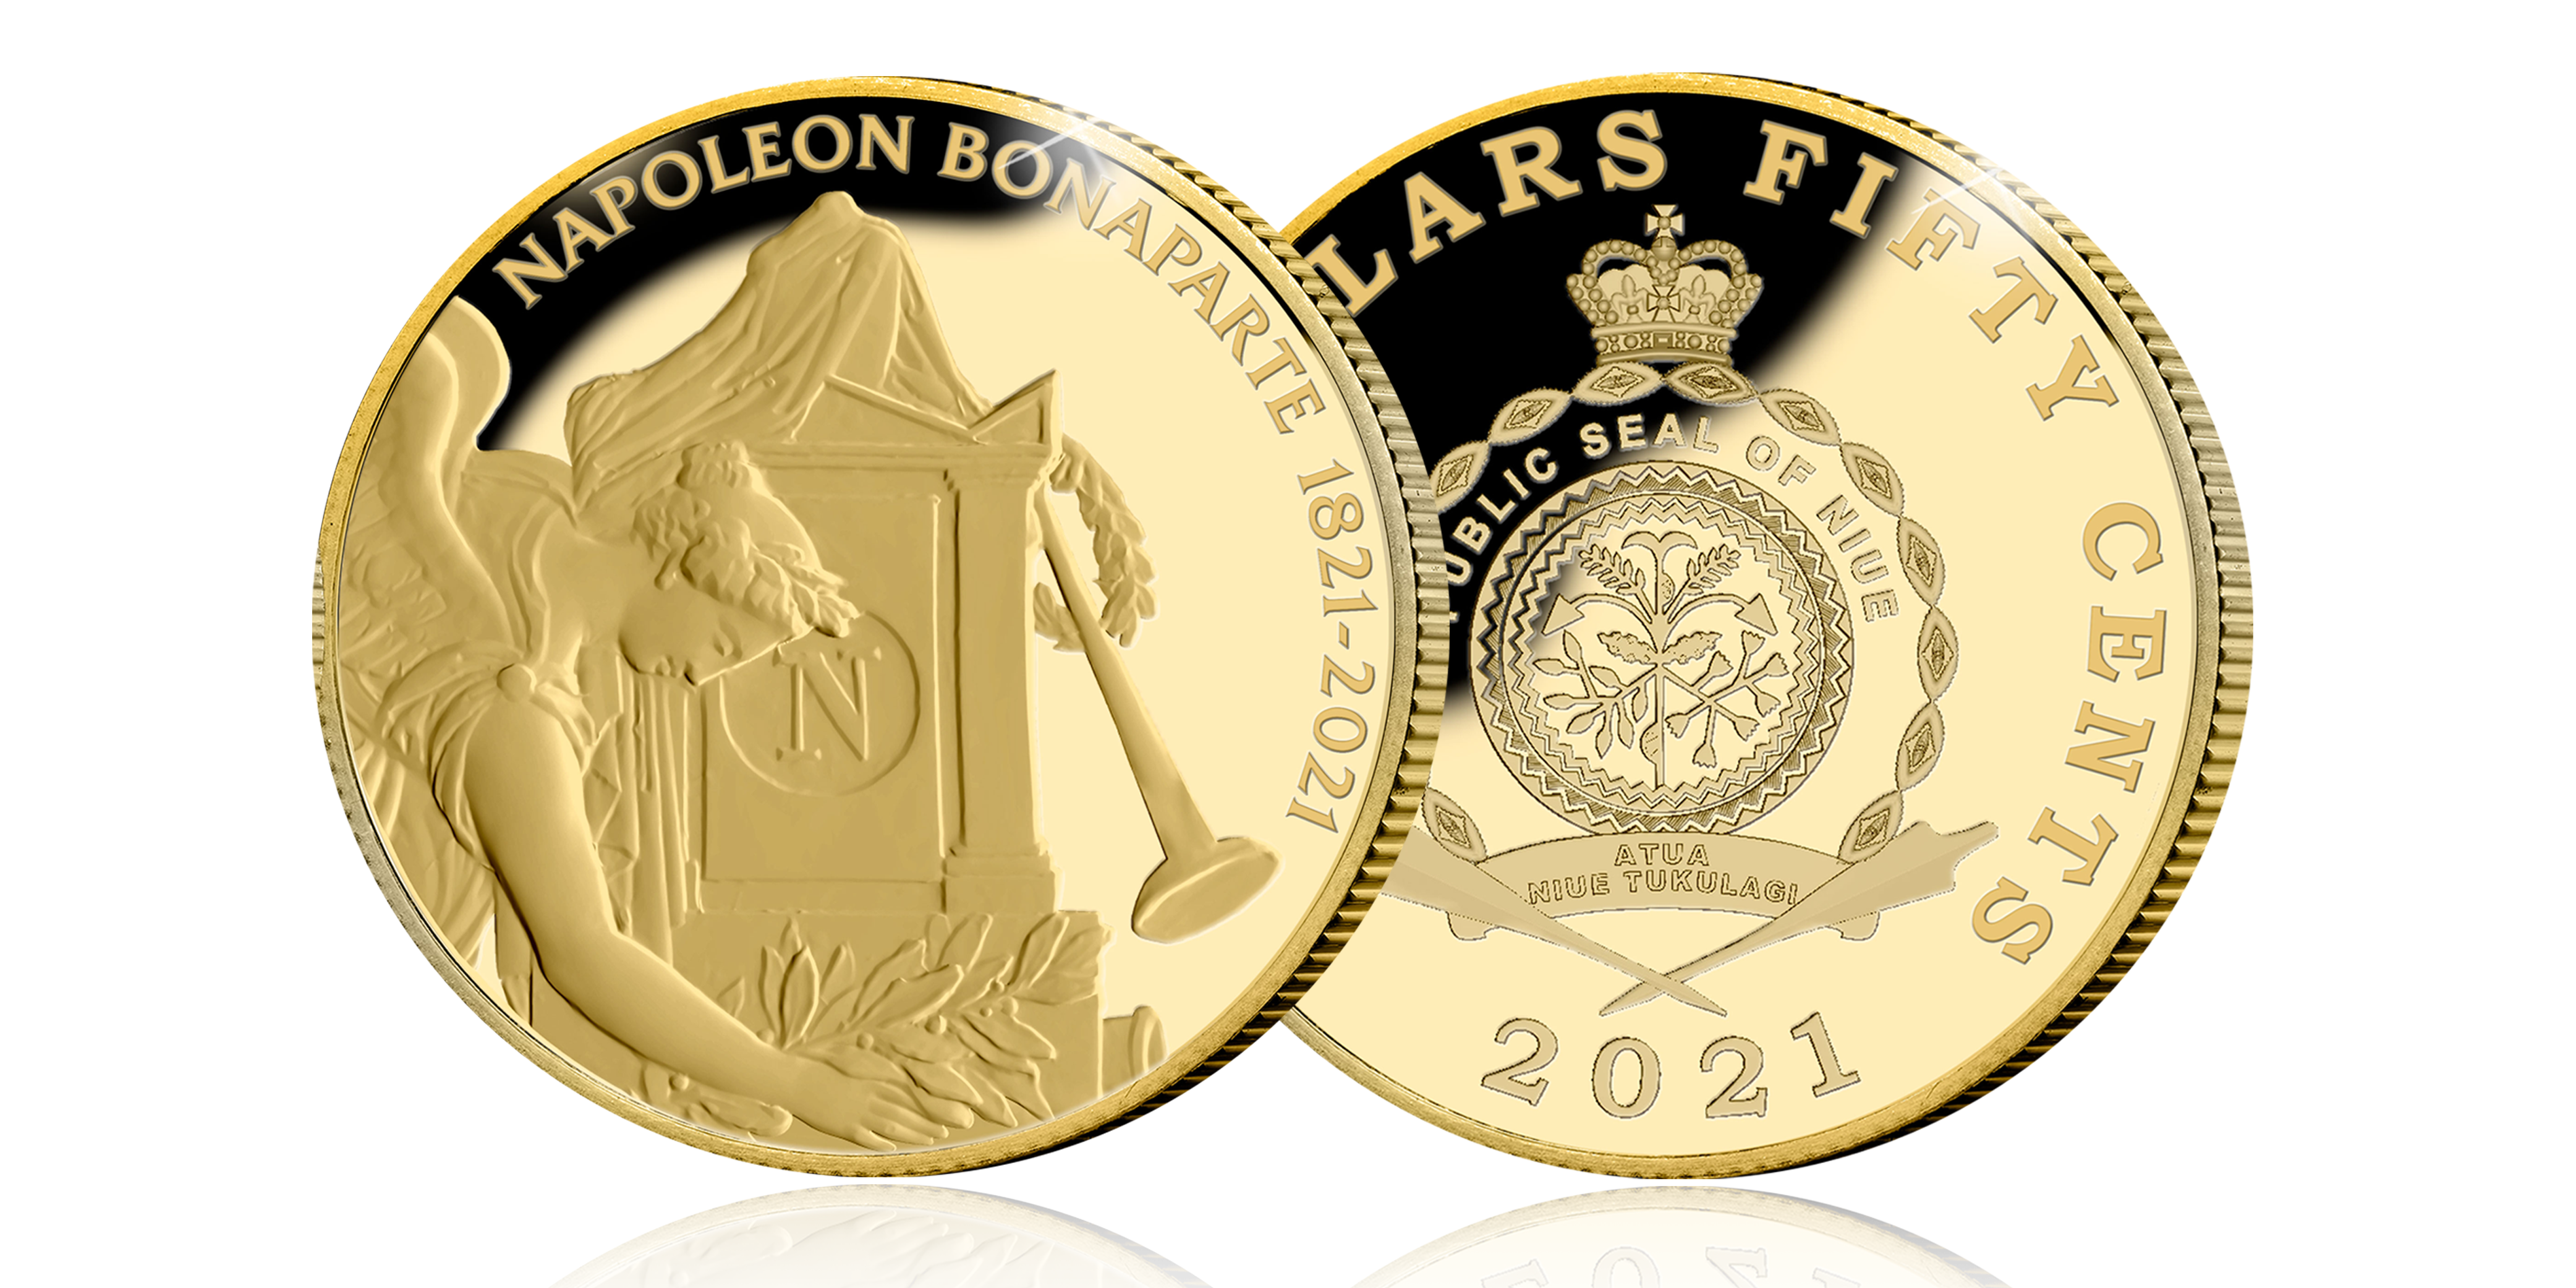 Commémorez le 200e anniversaire de la mort de Napoléon Bonaparte avec une pièce en or 24 carats avers revers